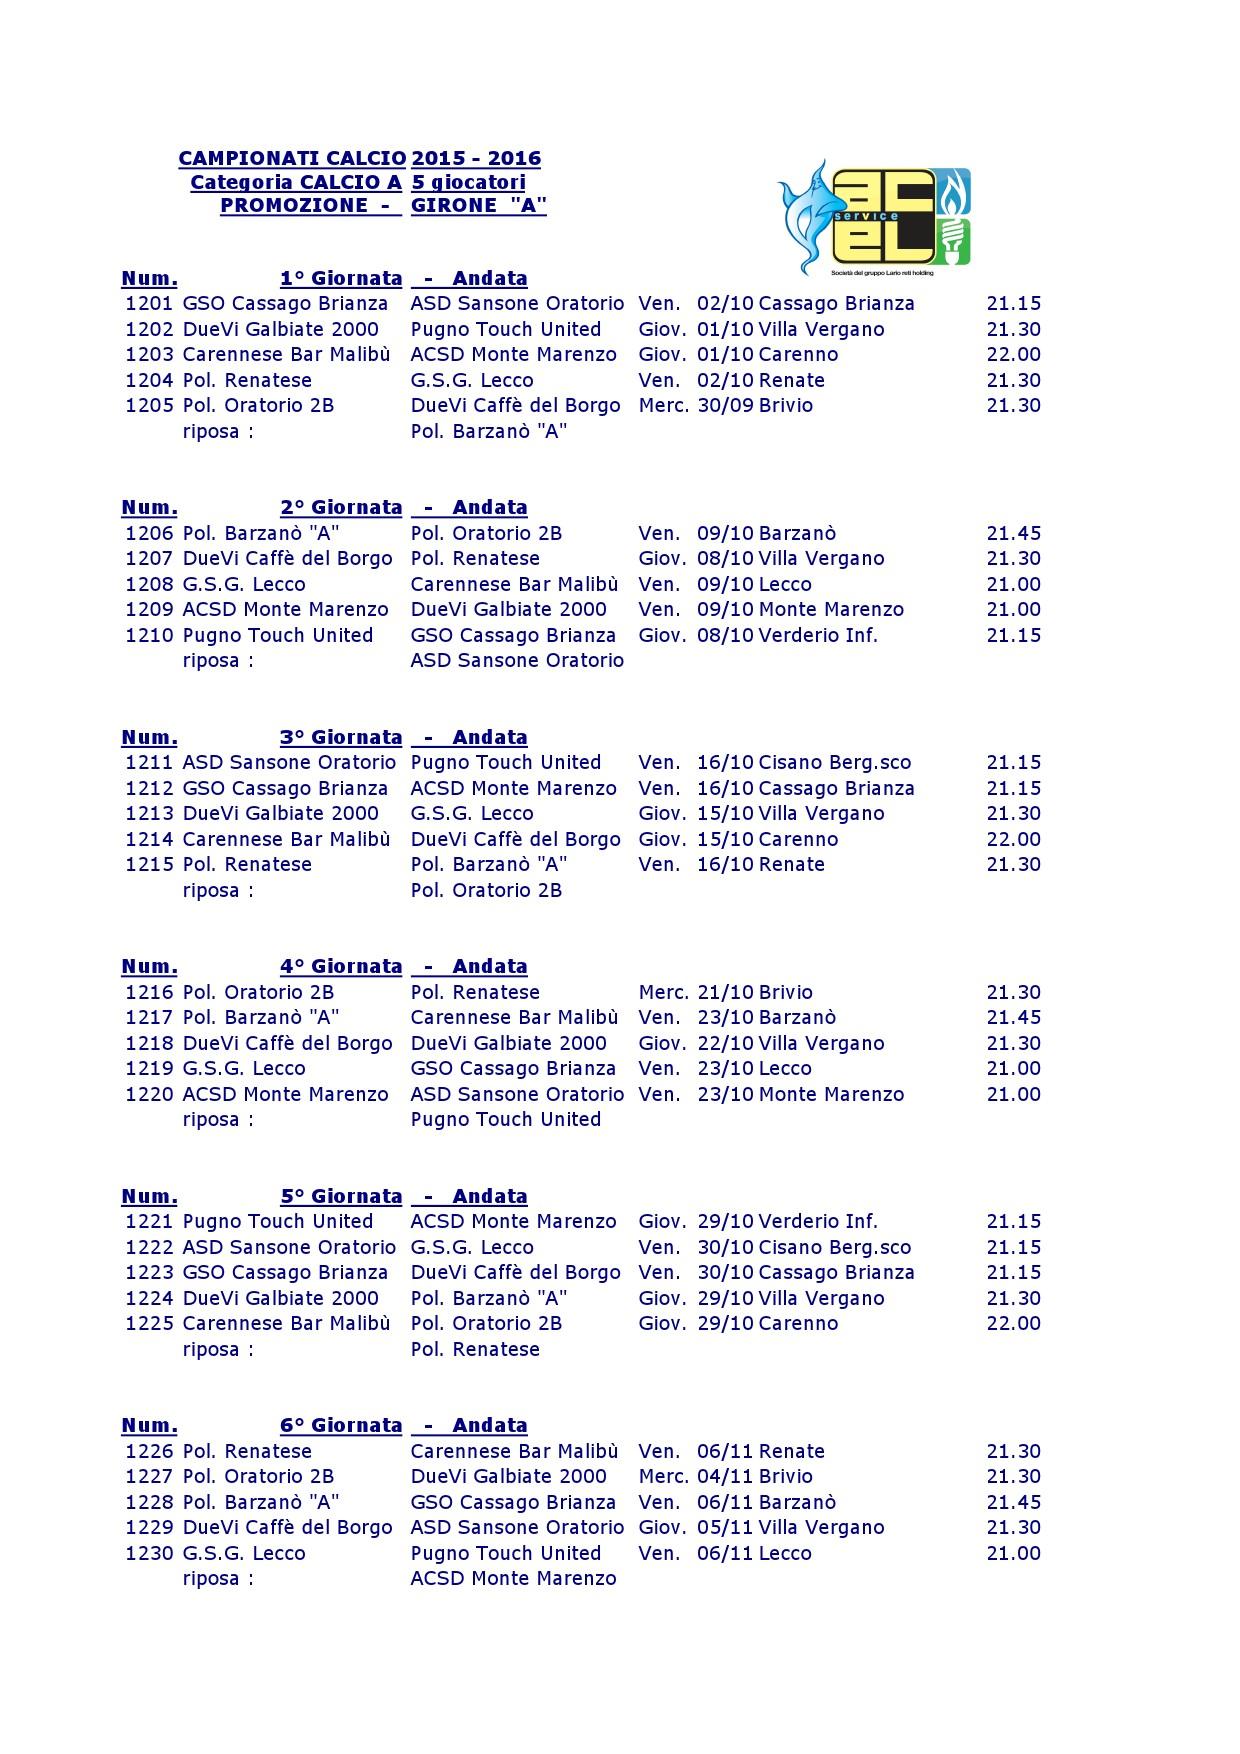 Calendario Promozione Girone A.Calendario Campionati Calcio 2015 2016 Categoria Calcio A